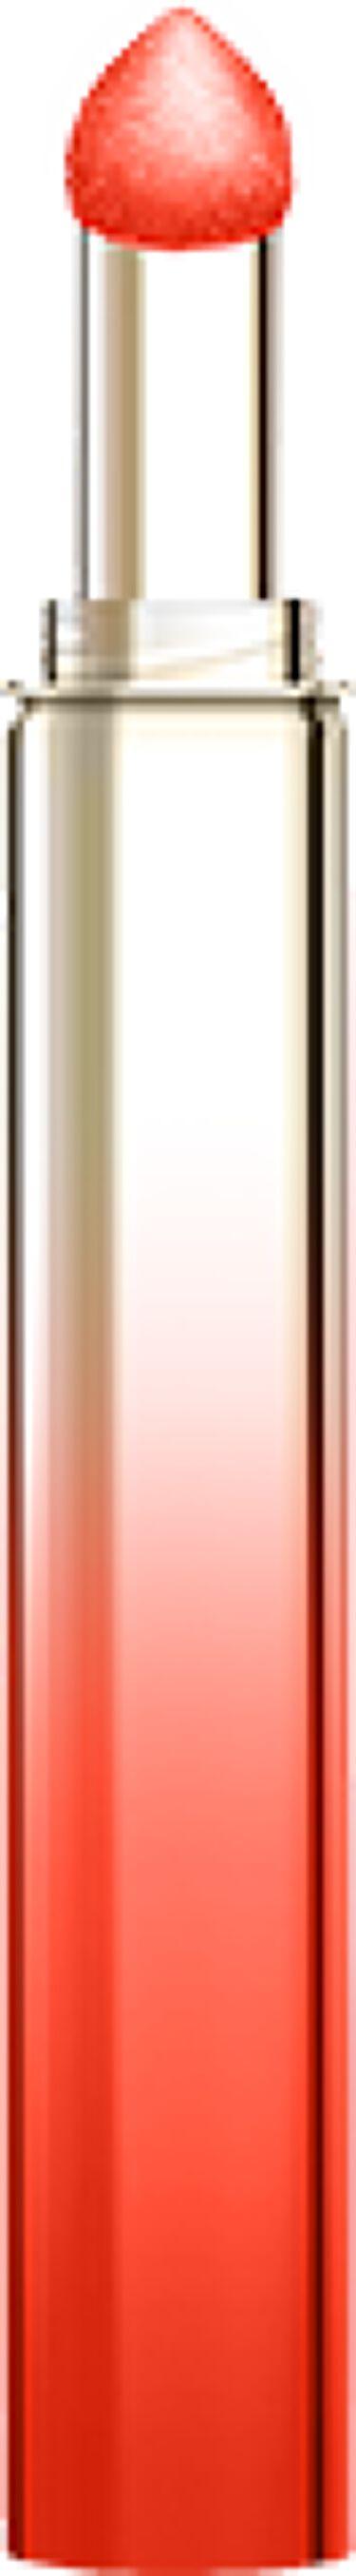 ティント カレス B05 ブライトチューリップ